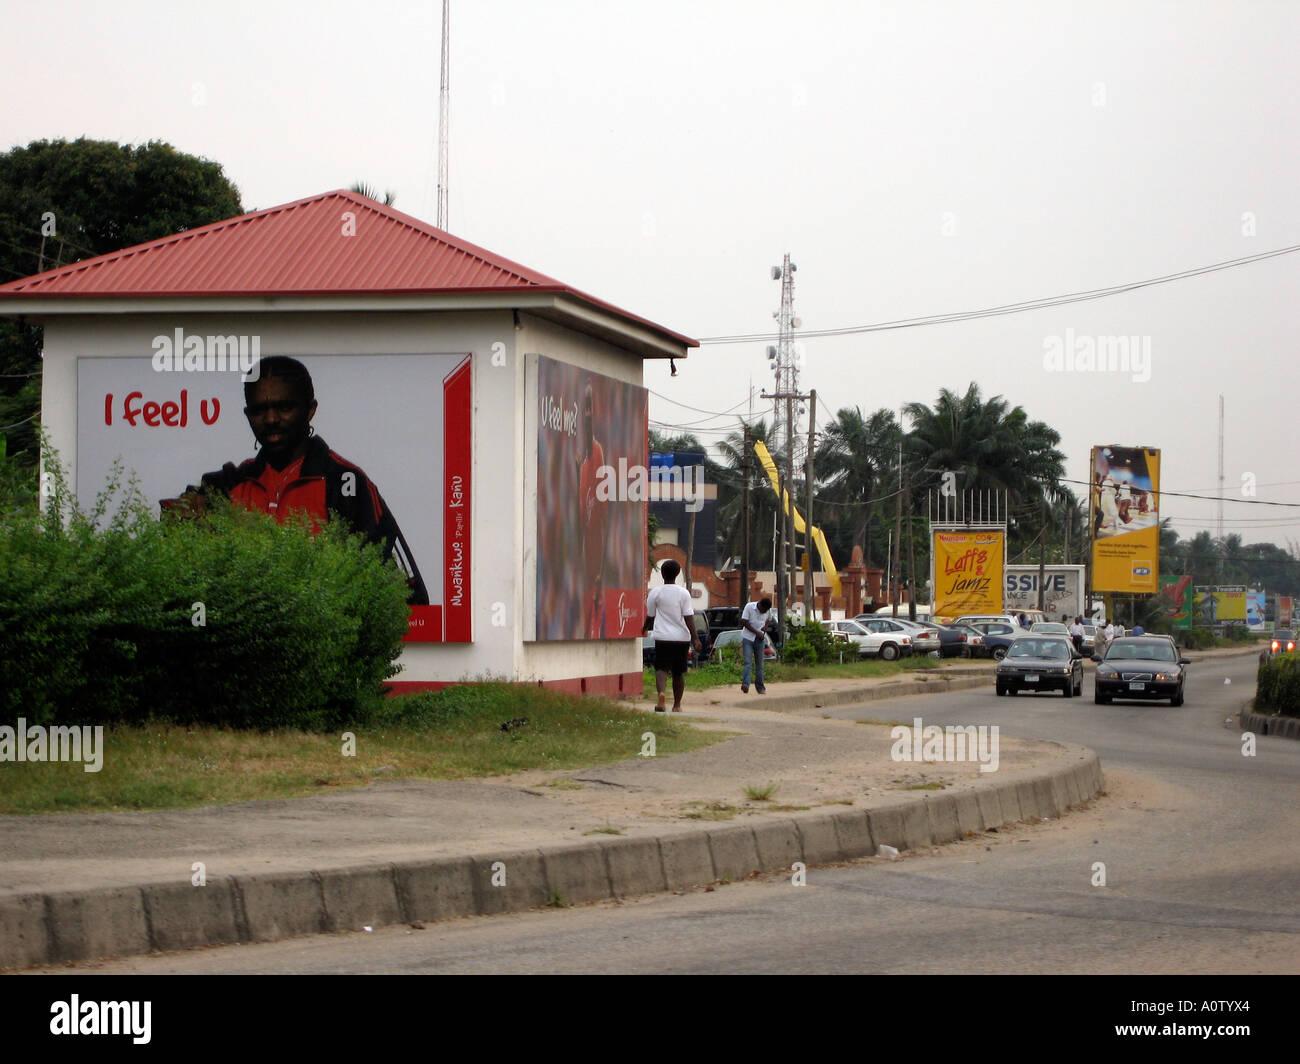 Lagos, Nigeria - Stock Image